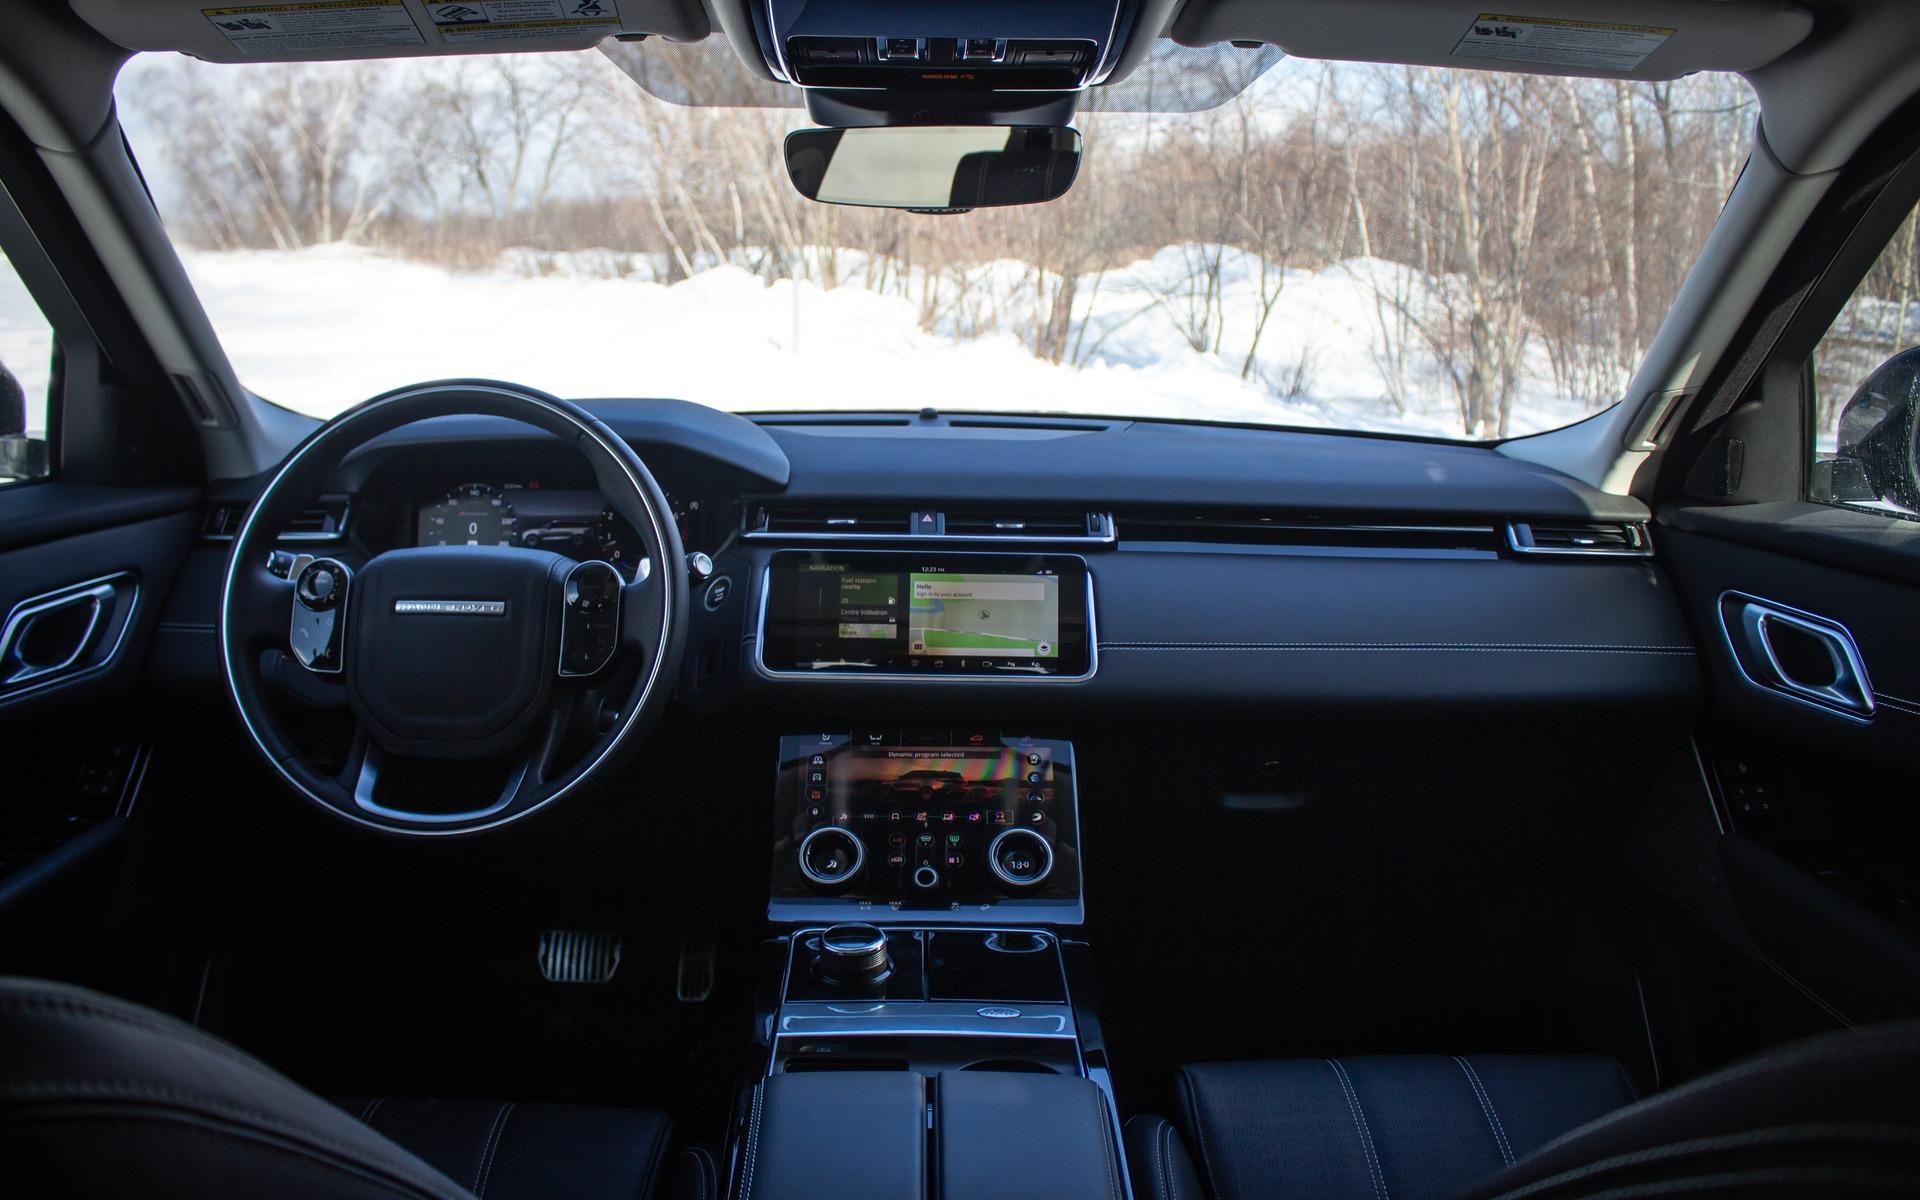 Range Rover Velar 2019 : battre la concurrence avec le style 365795_Range_Rover_Velar_2019_battre_la_concurrence_avec_le_style